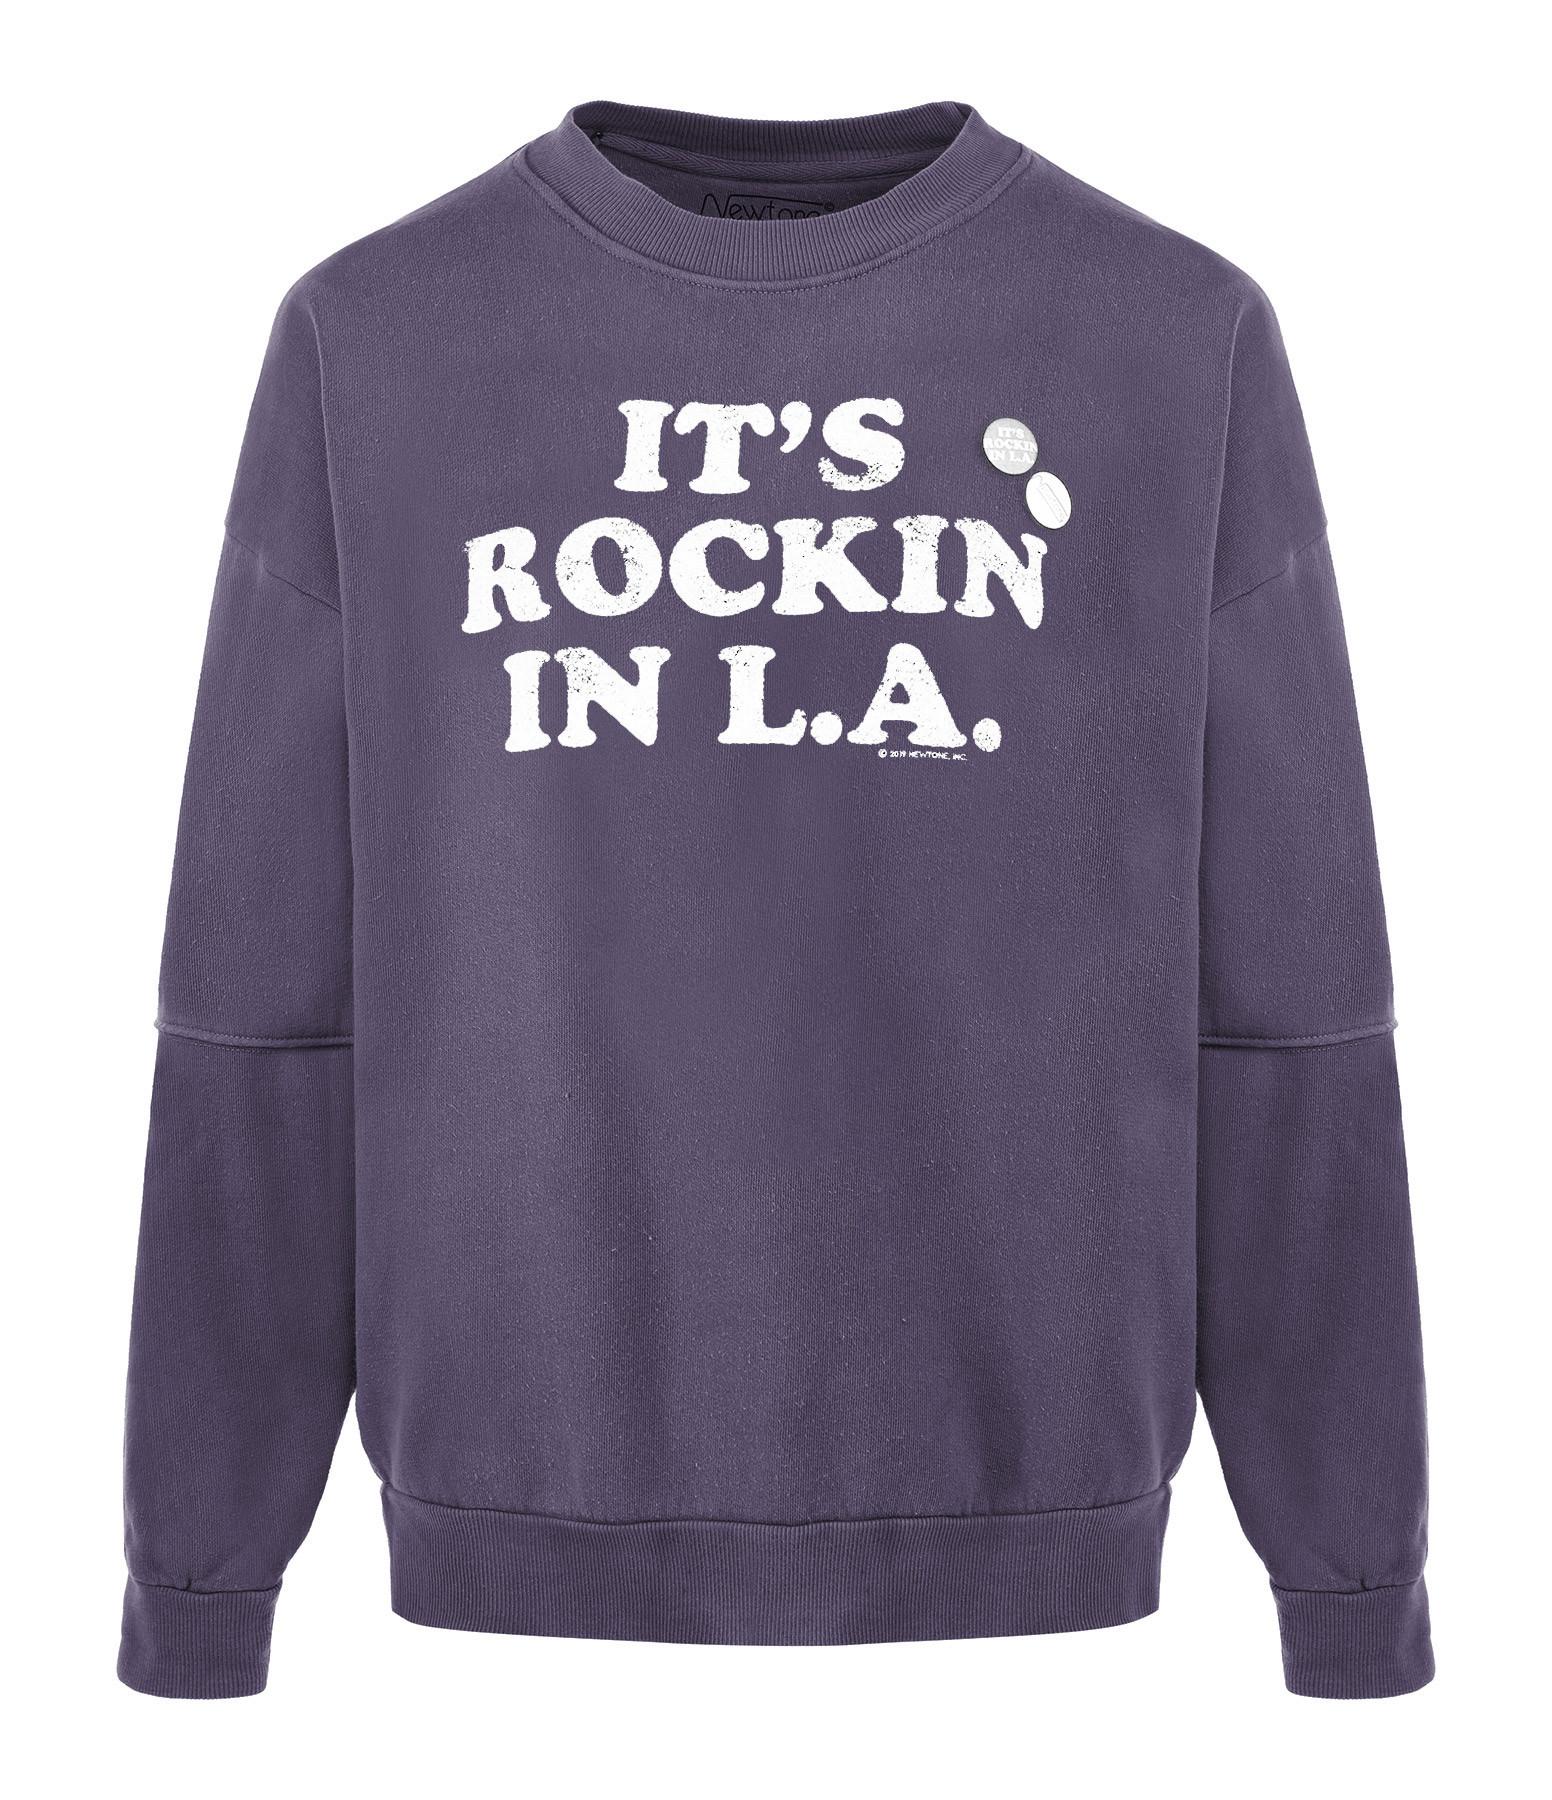 NEWTONE - Sweatshirt Roller Rockin Coton Violet Grappe